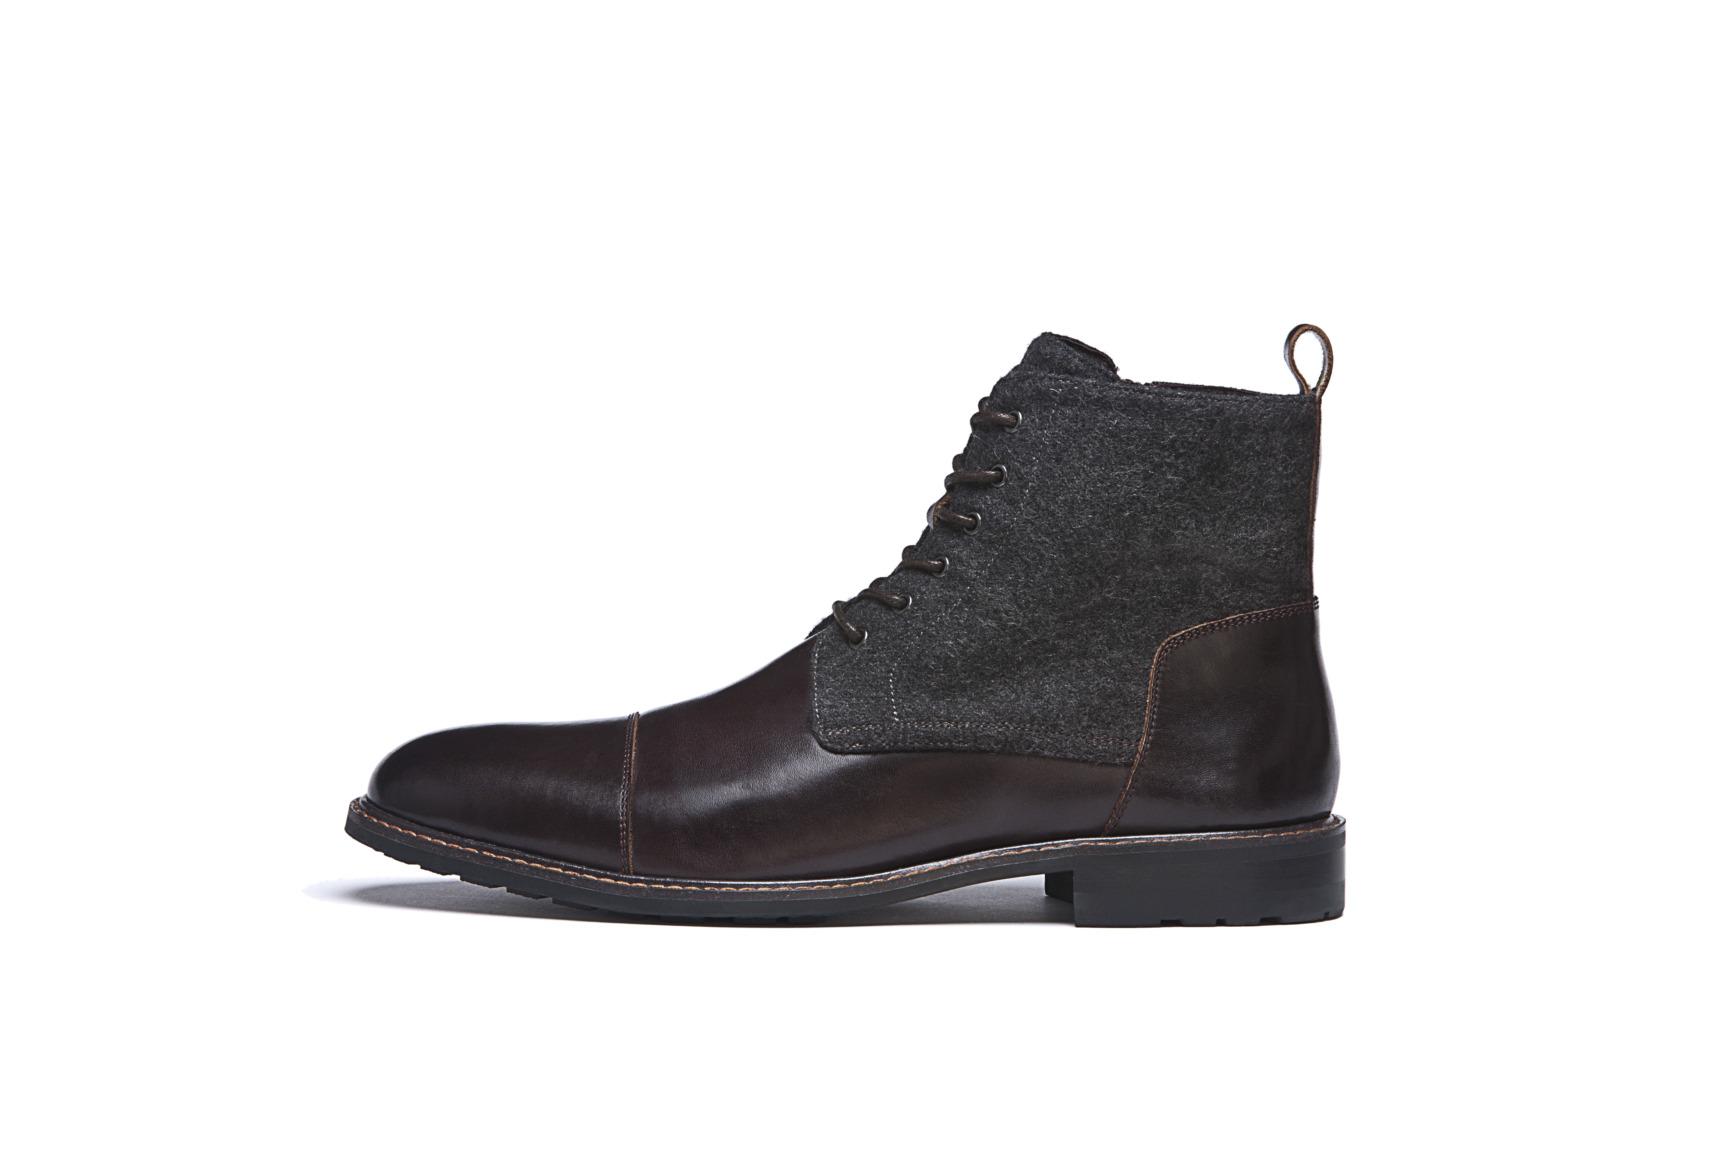 Modische Schuhe für den Bräutigam von Digel Modell SHOWMASTER halbe Stiefelette mit Stoffeinsatz in dunkelbraun